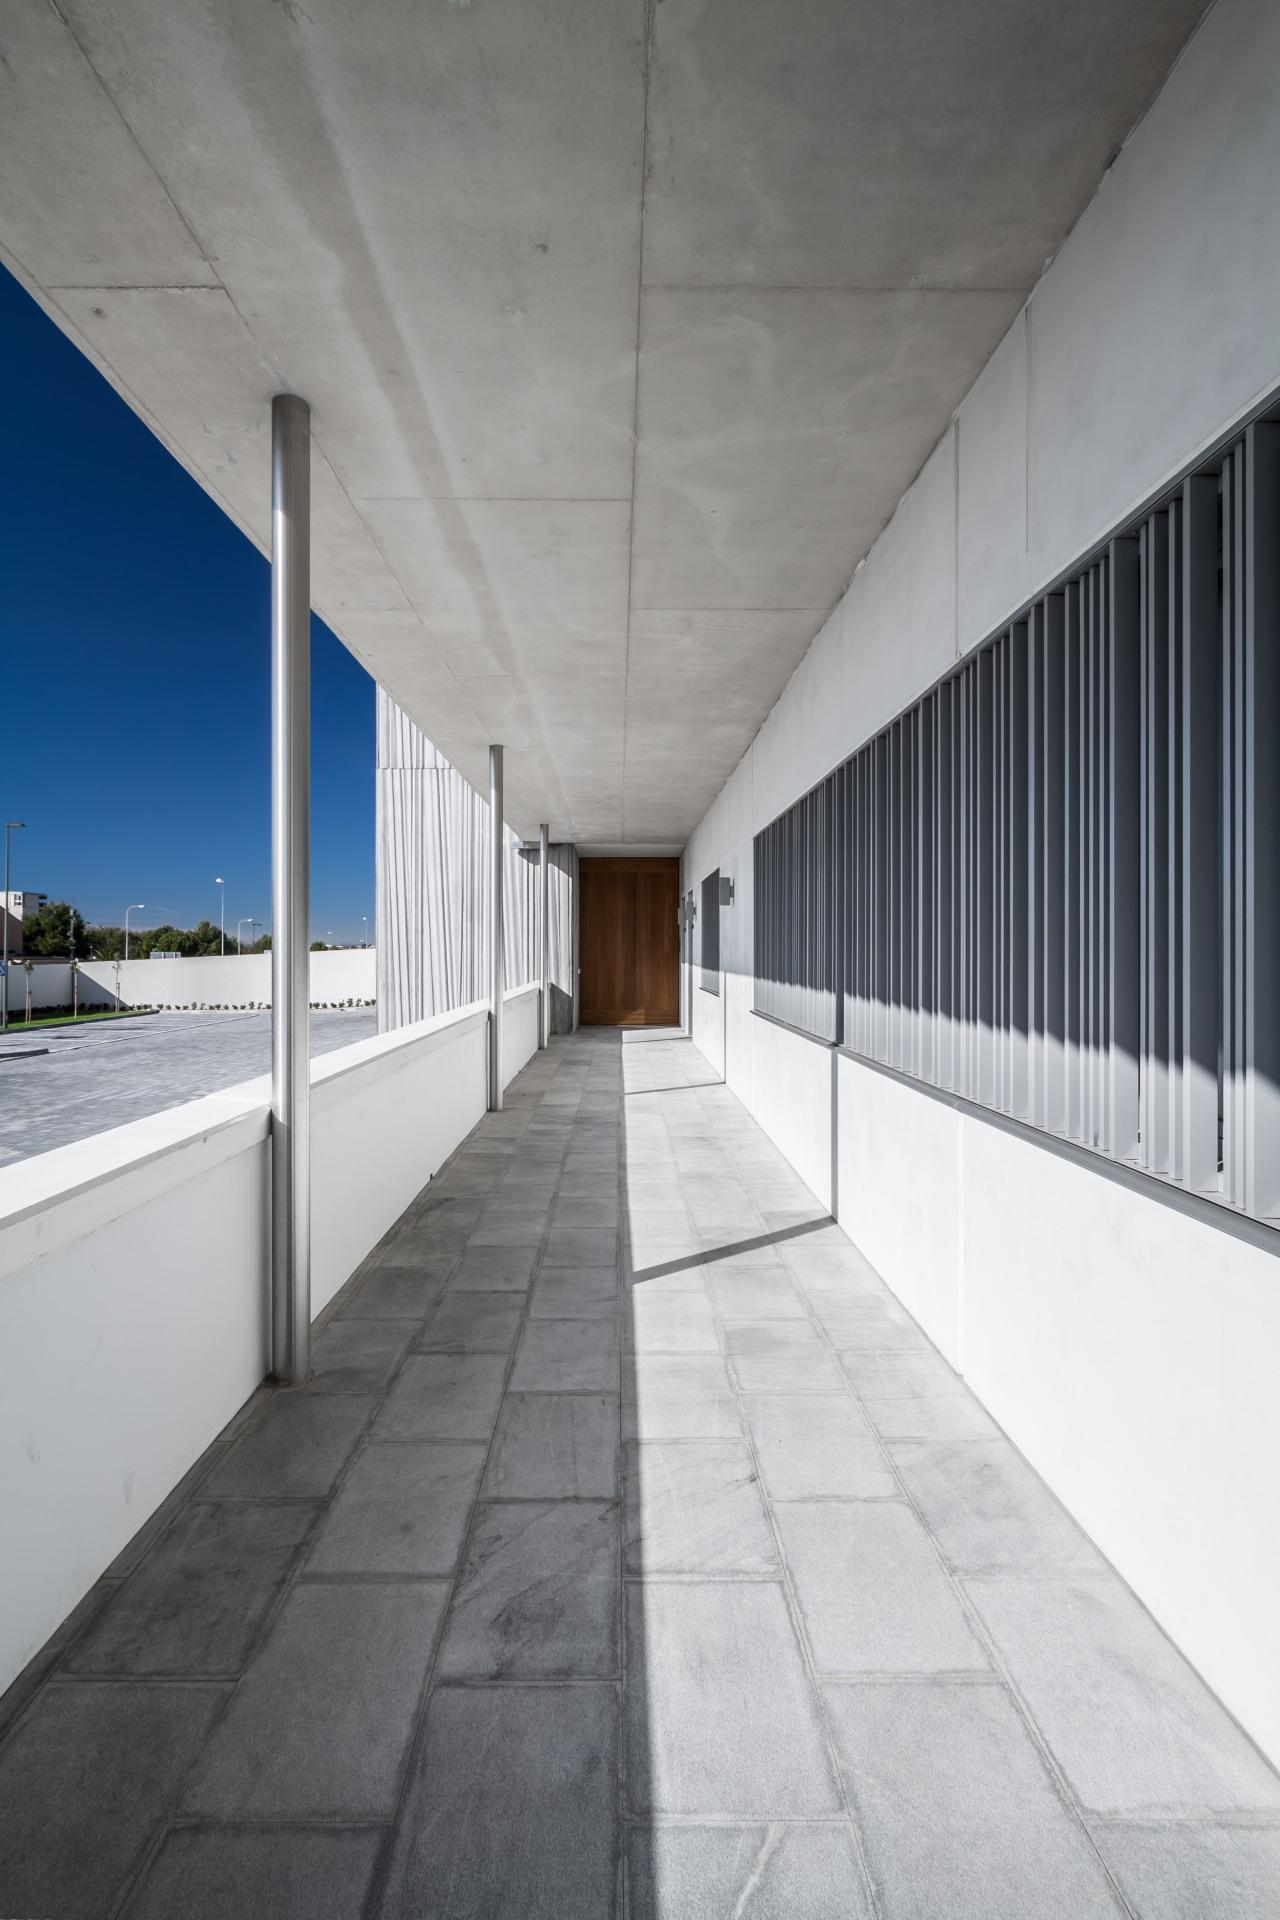 fotografia-arquitectura-valencia-german-cabo-hernandez-monasterio (20)